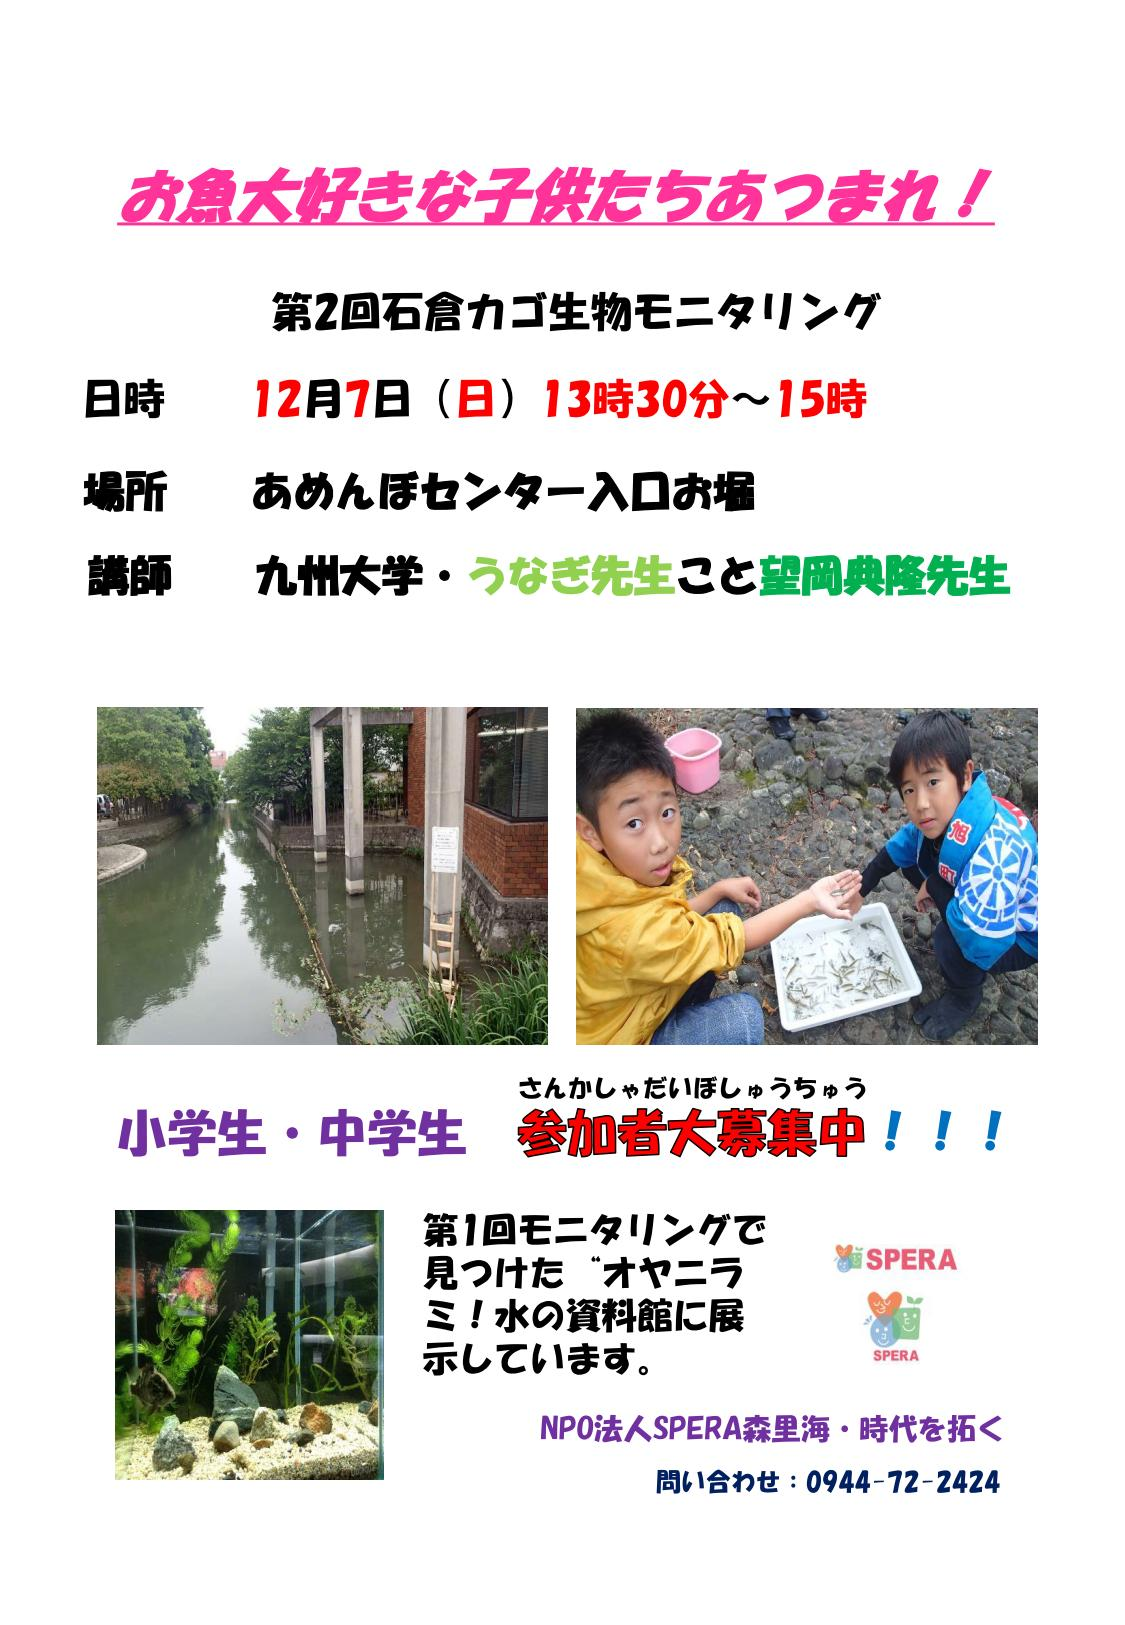 A4第2回石倉カゴモ生物ニタリング_01